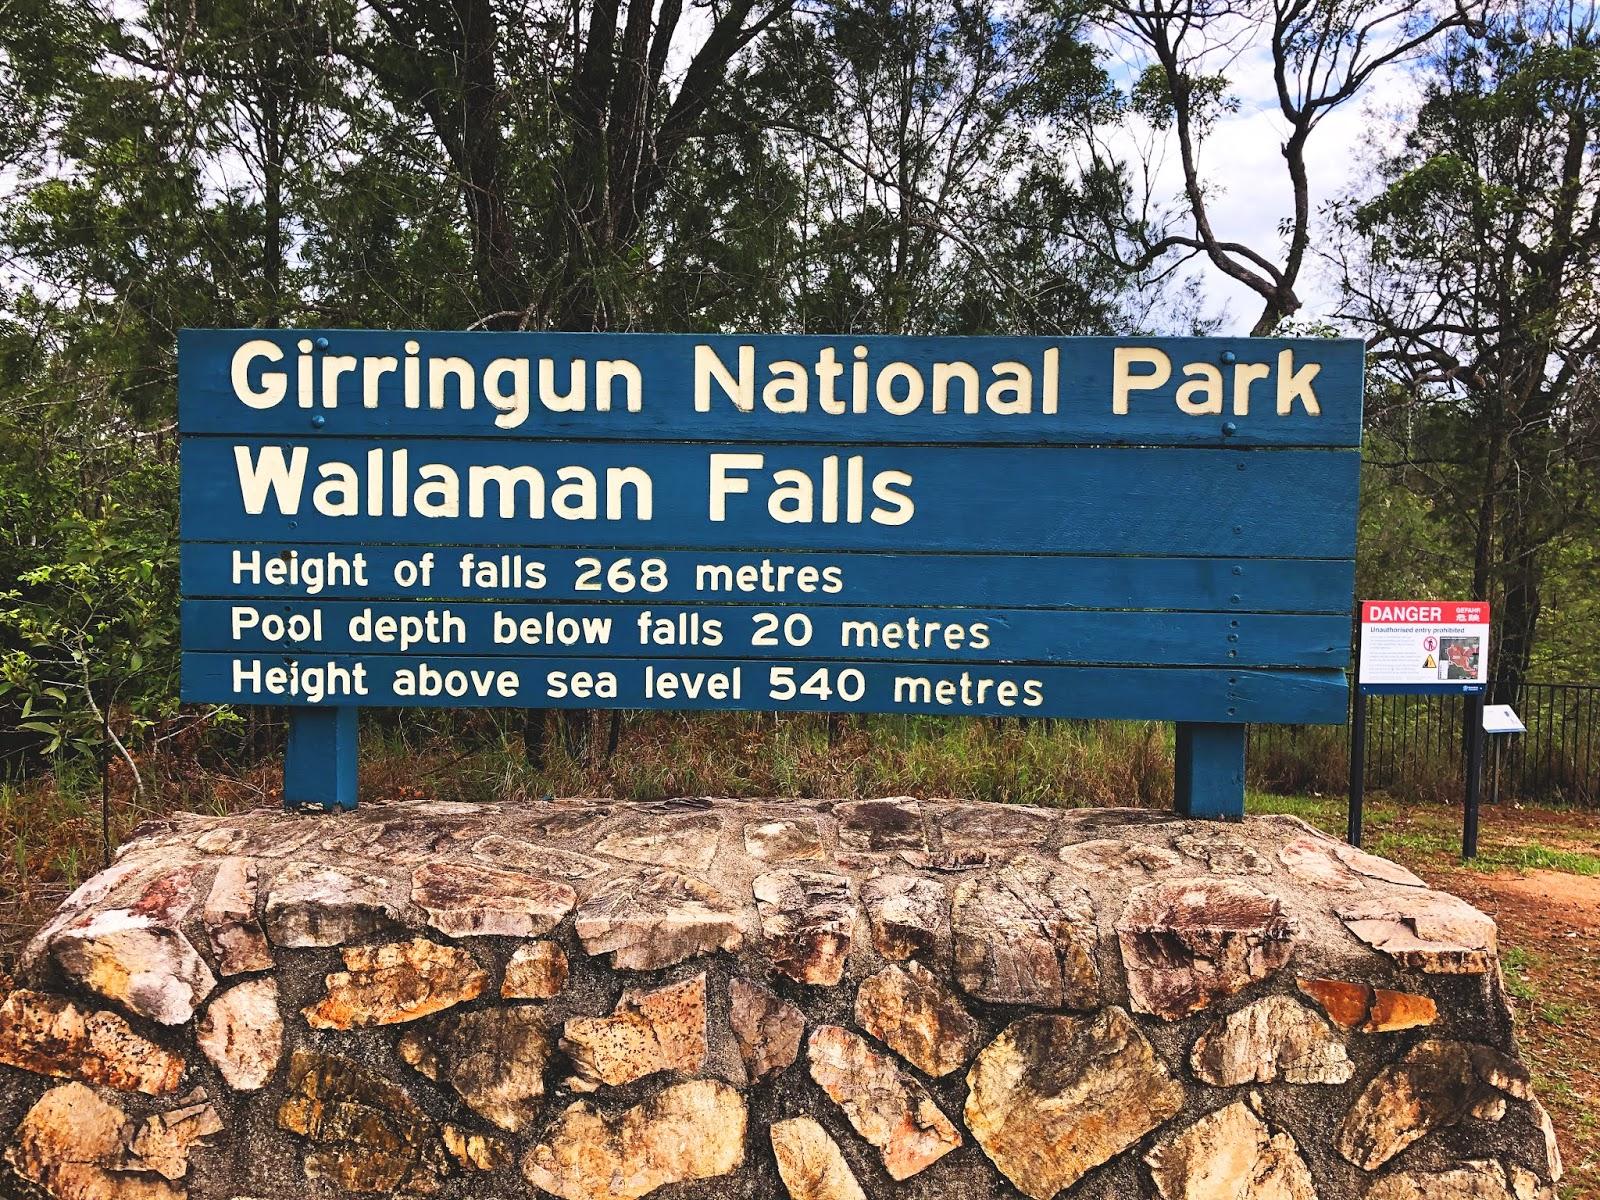 Tablica informacyjna australijskiego parku narodowego Girringun National Park i wodospadu Wallaman Falls